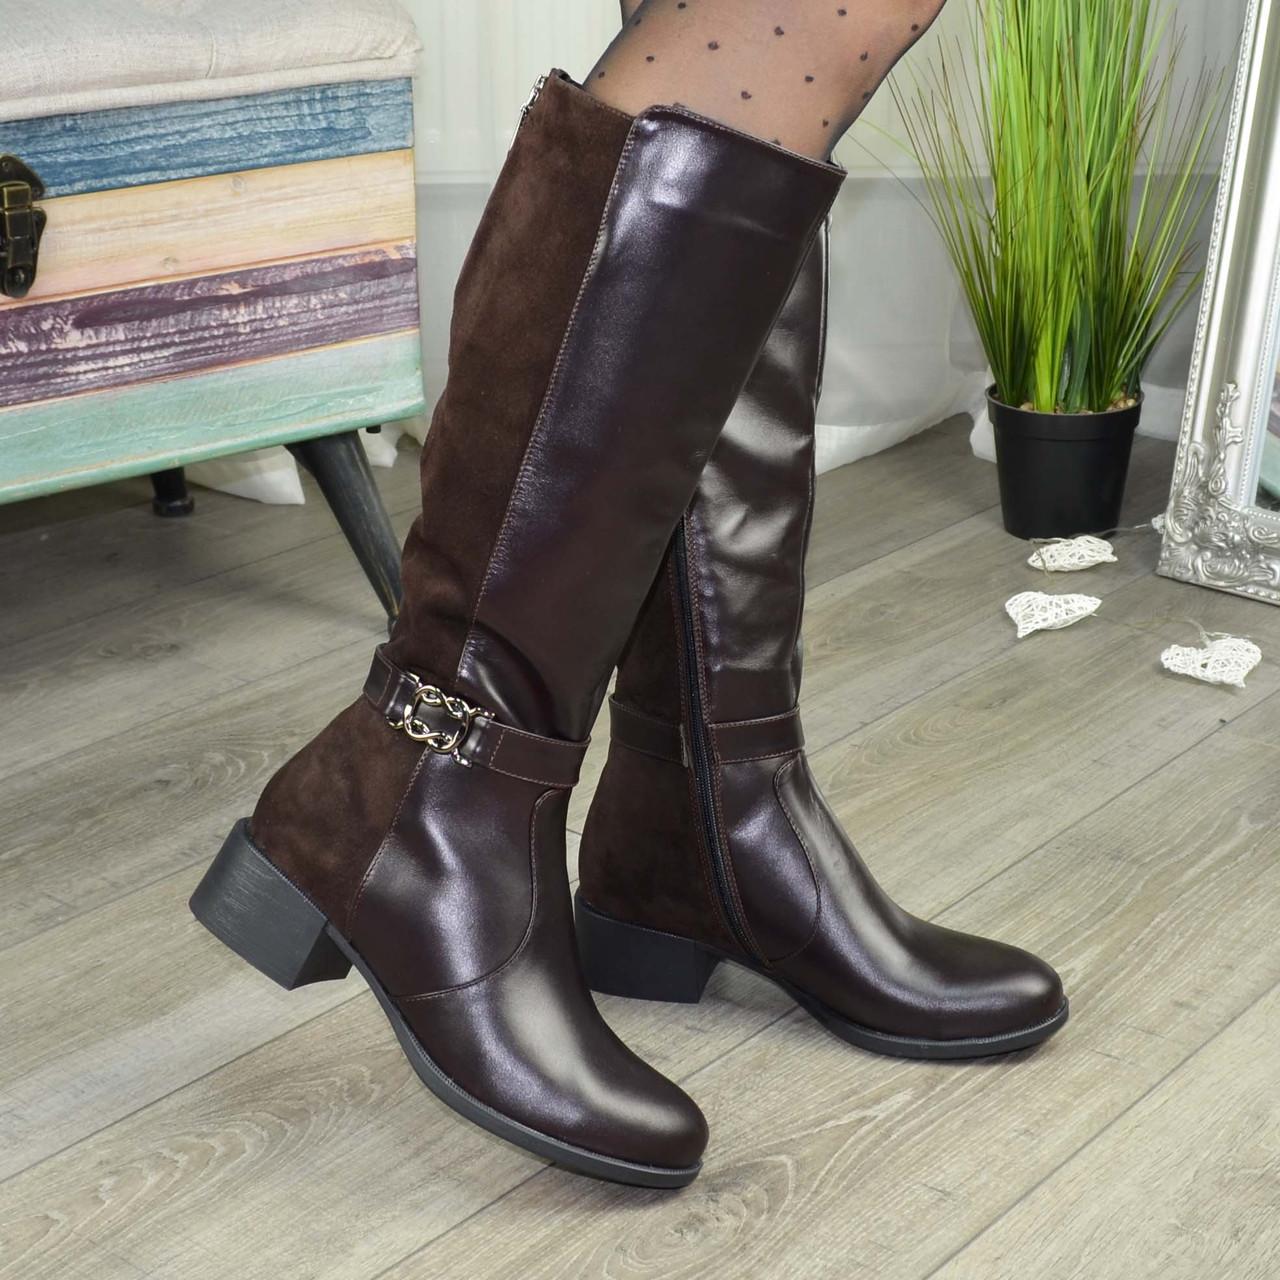 Женские коричневые сапоги на невысоком каблуке, из натуральной кожи и замши